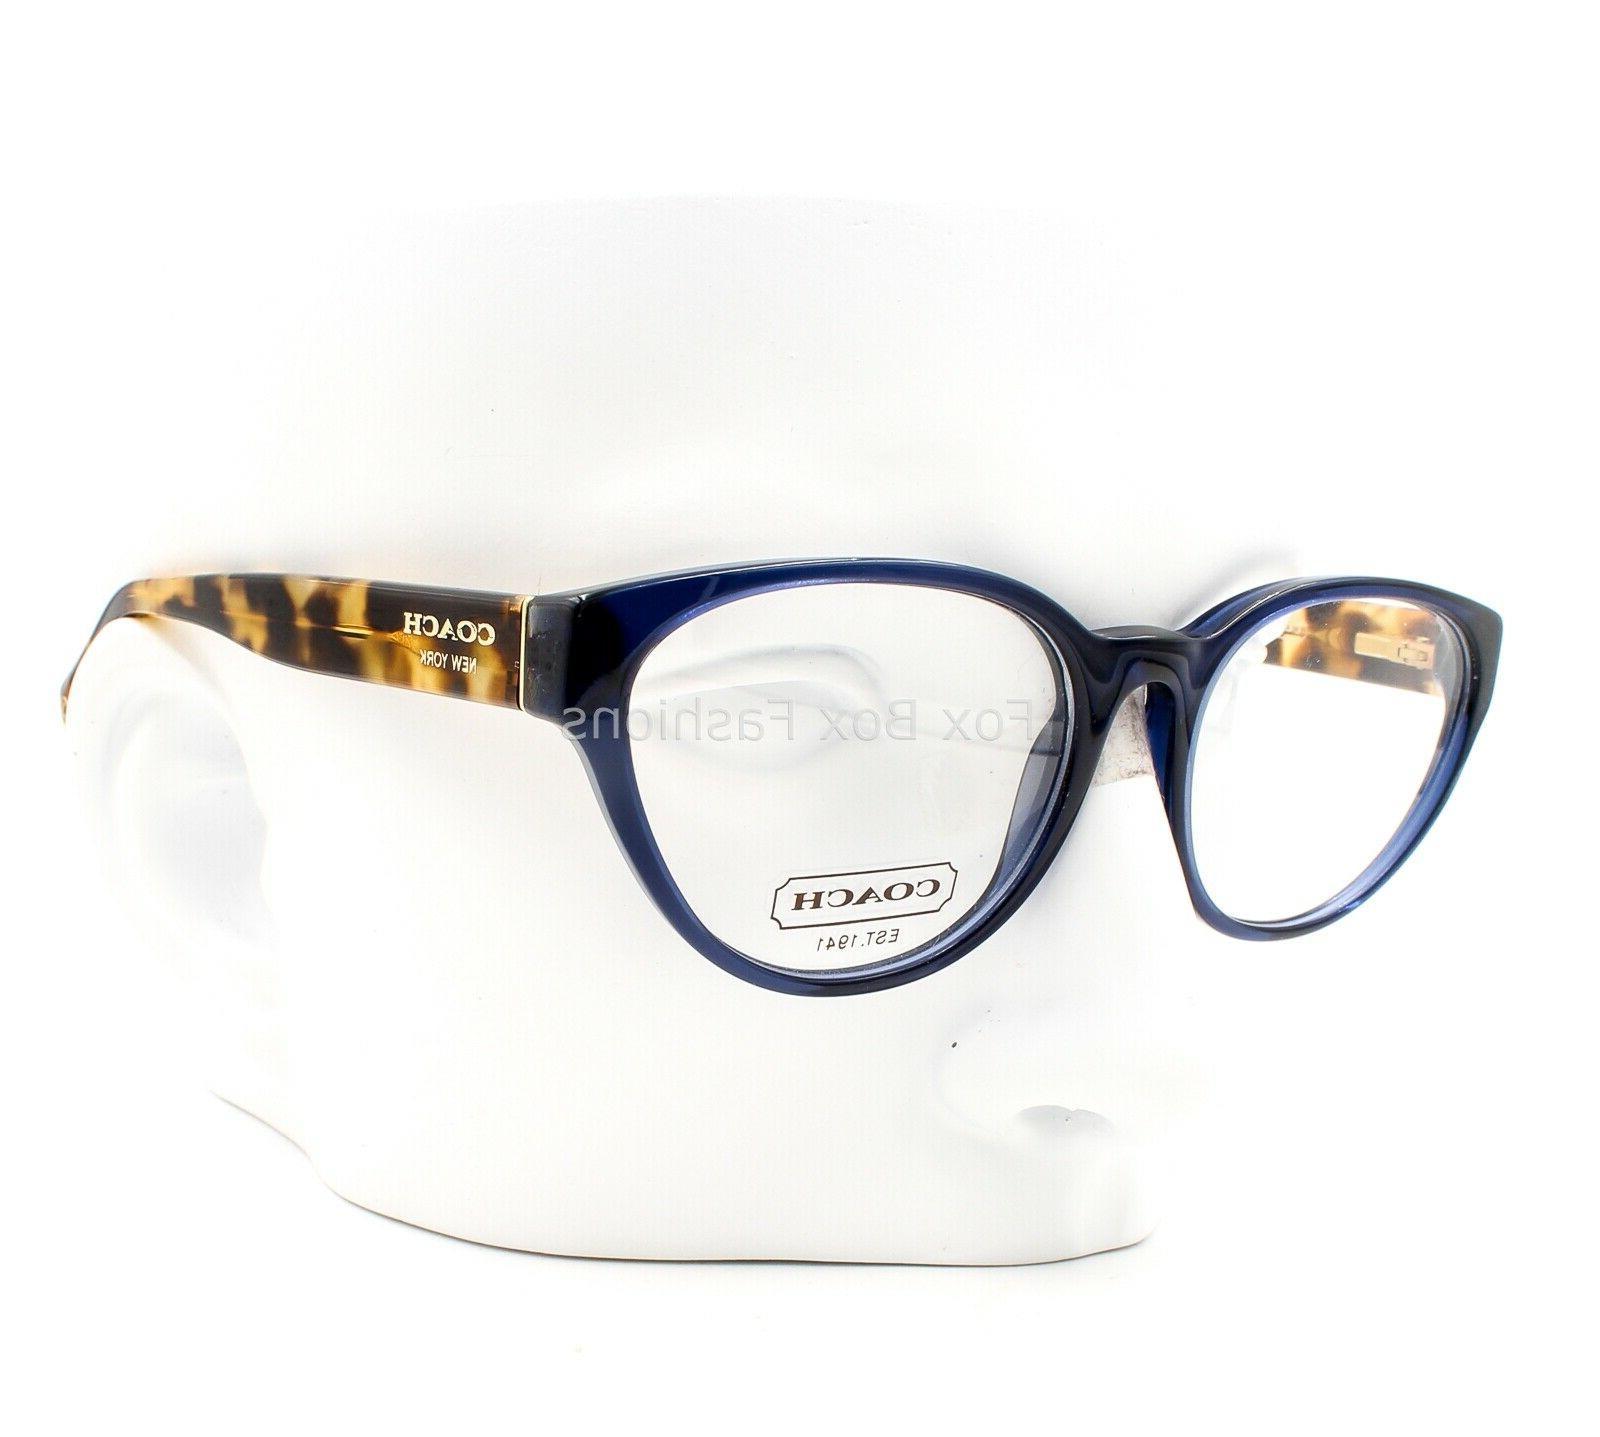 hc 6039 5110 baily eyeglasses frame glasses